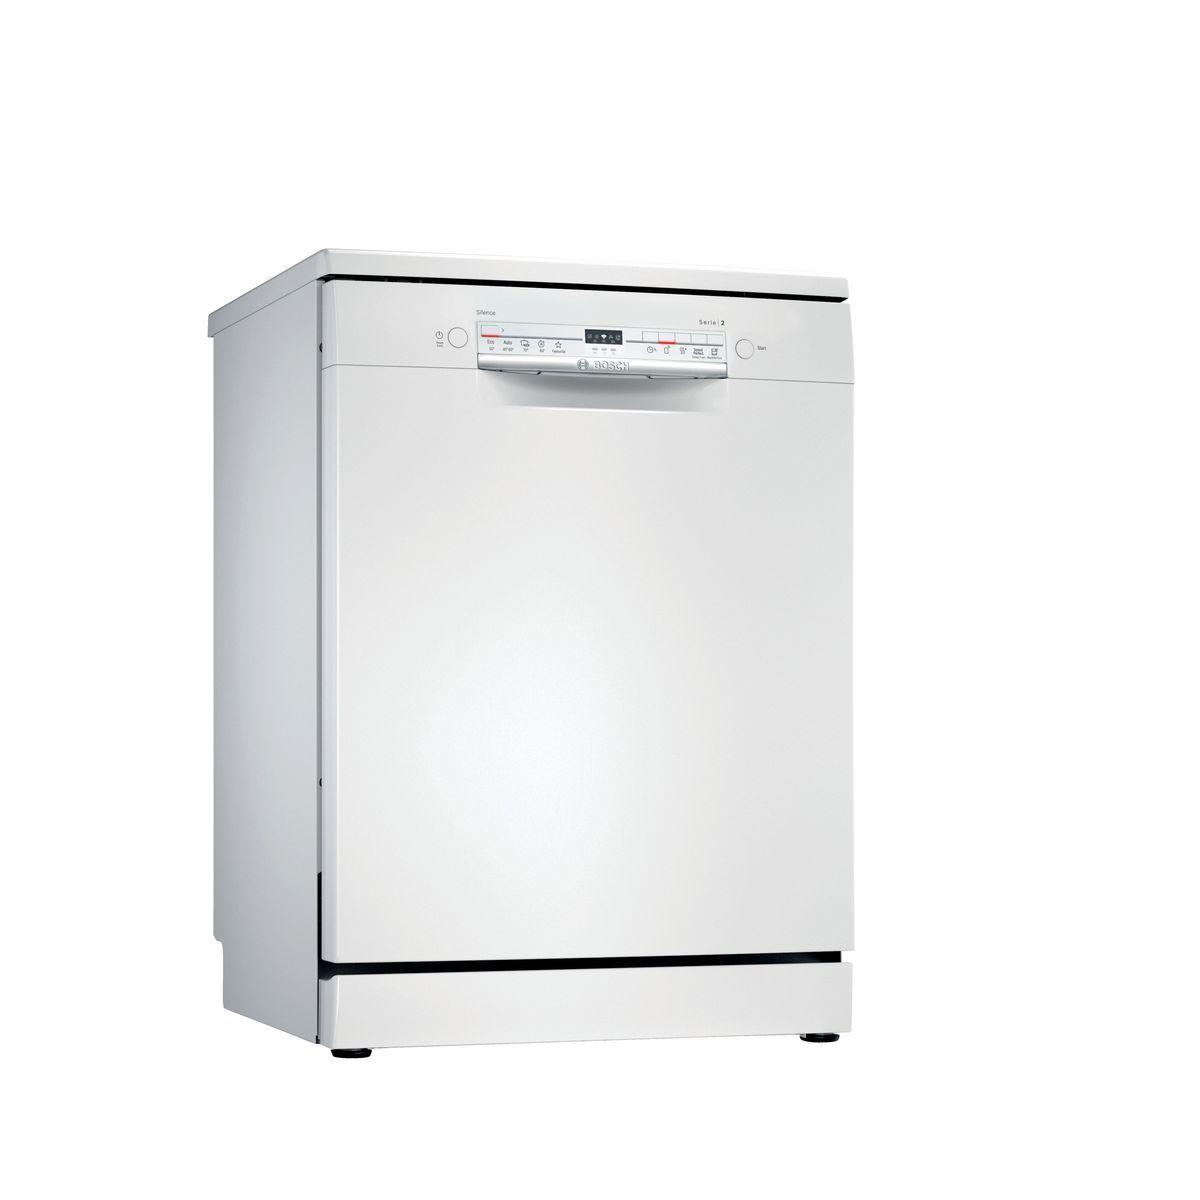 Lave vaisselle pose libre SMS2ITW12E, 12 couverts, 60 cm, 48 dB